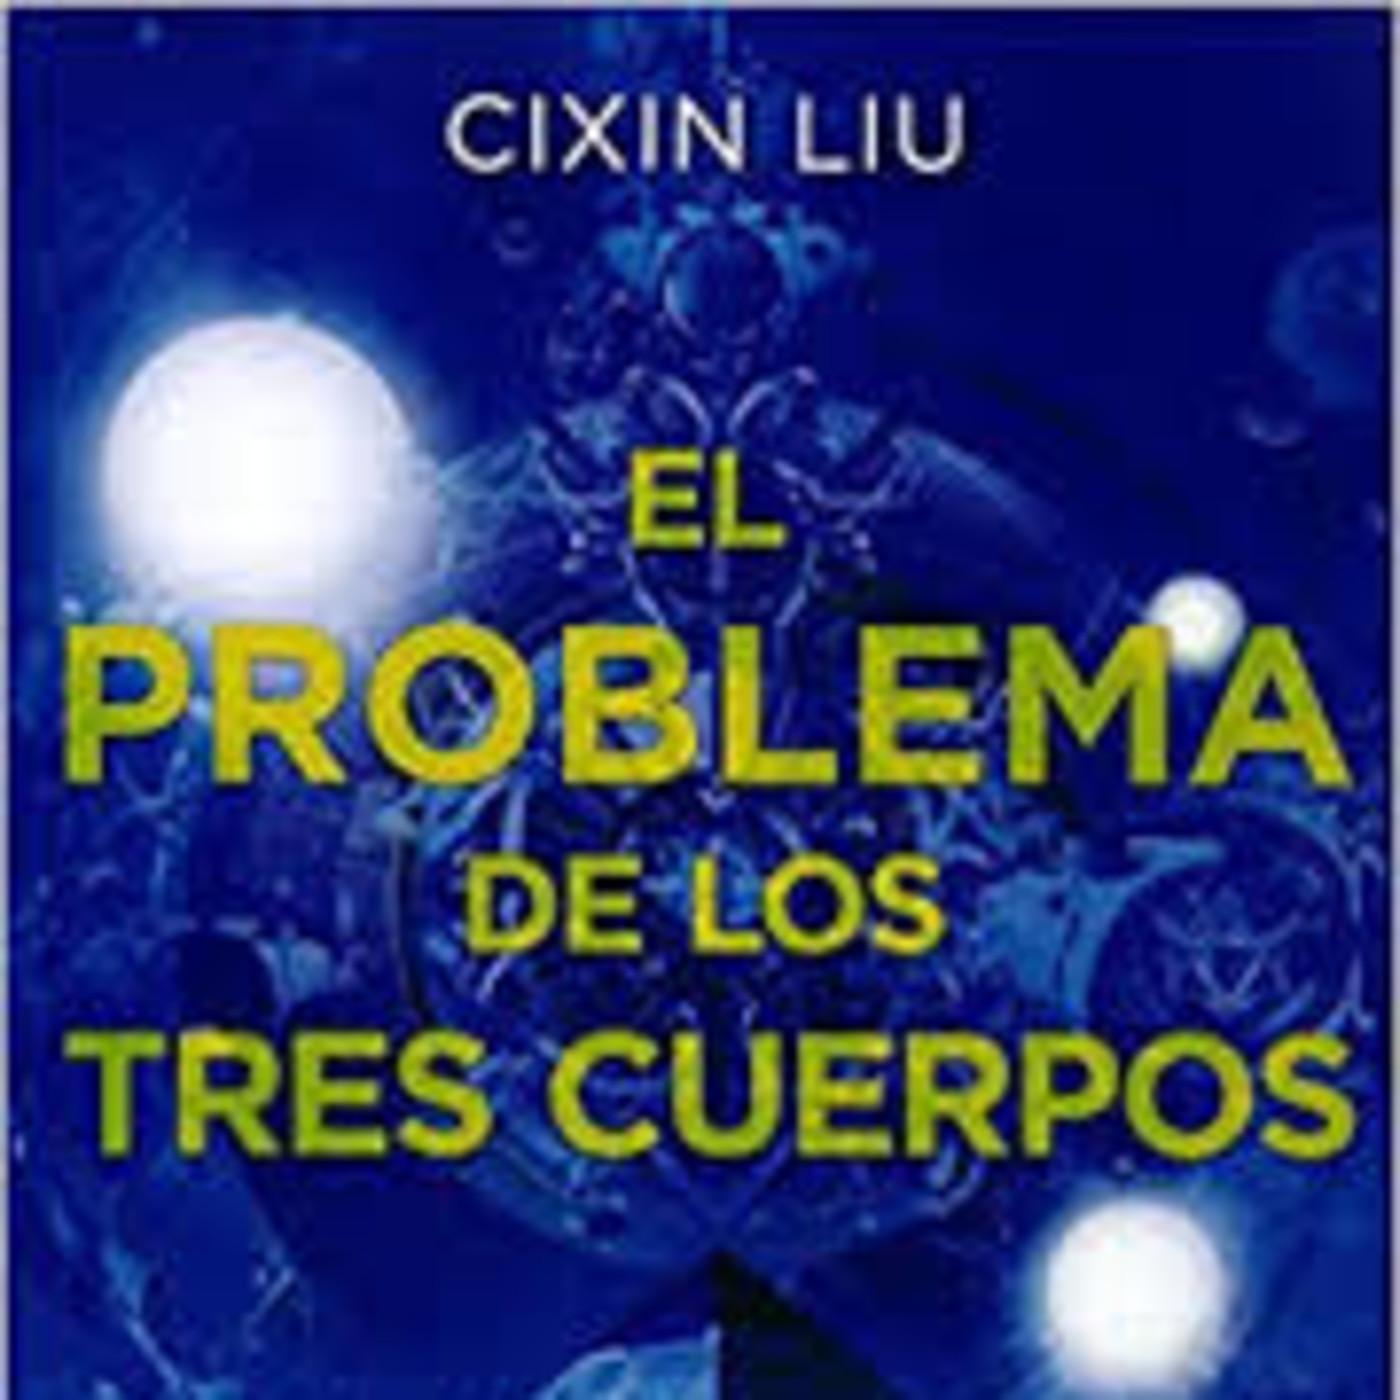 LCF #3x7 - El problema de los tres cuerpos de Cixin Liu en Podcast de  Leyendo Ciencia Ficción en mp3(23/04 a las 19:09:36) 02:02:17 25571936 -  iVoox